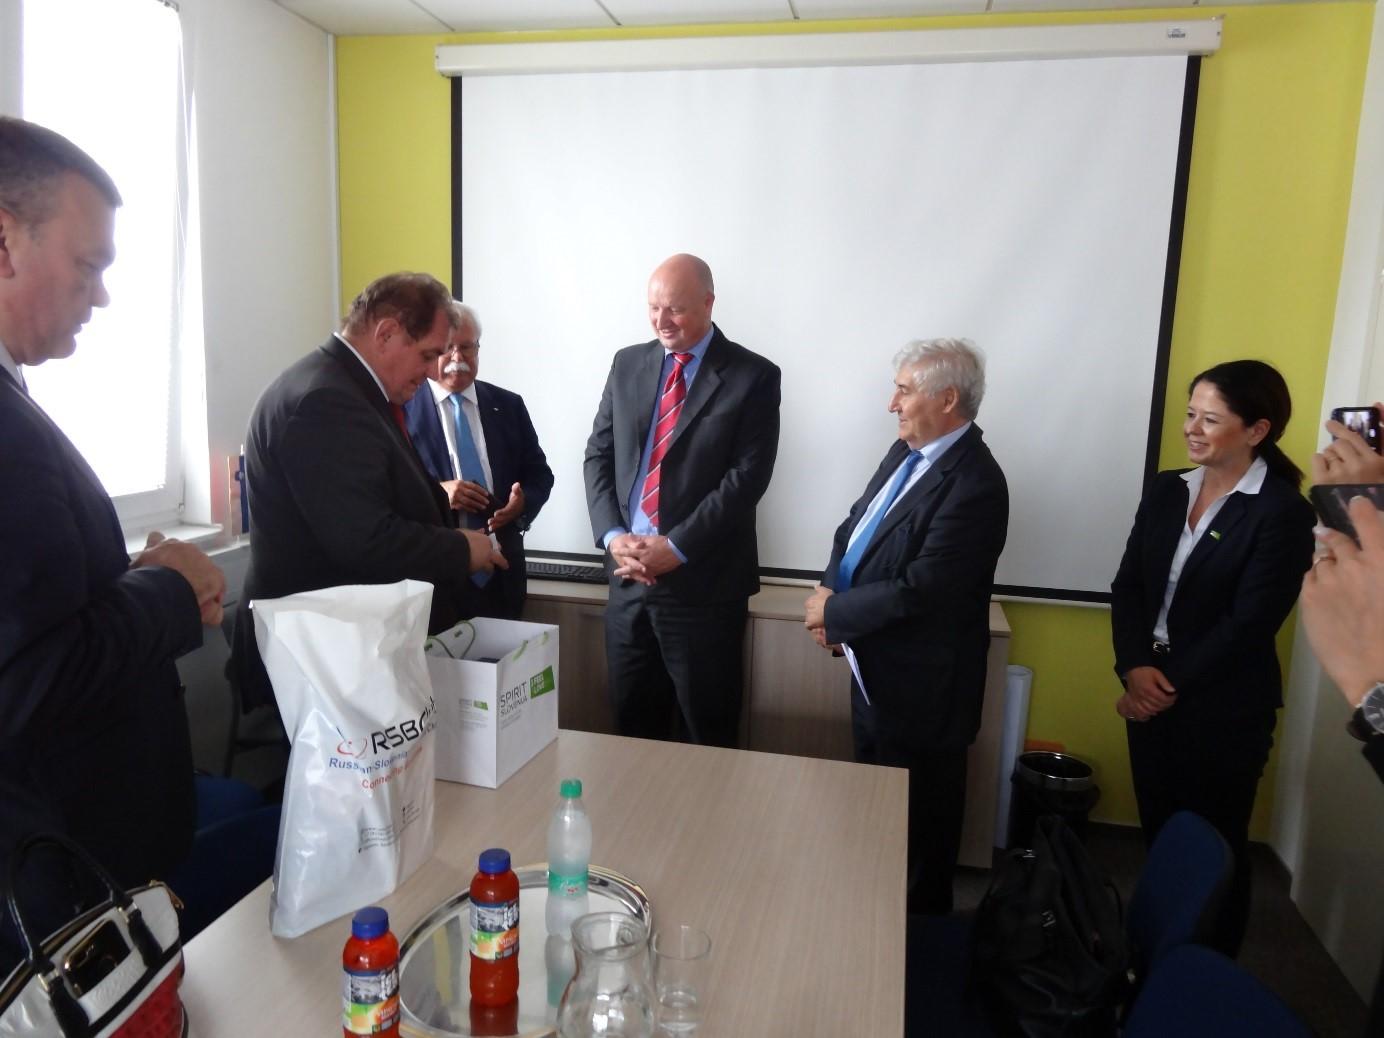 Ob zaključku srečanja je bila izražena namera po sodelovanju pri pripravi gospodarskega obiska iz Slovenije v regiji Samara v jesenskem času.